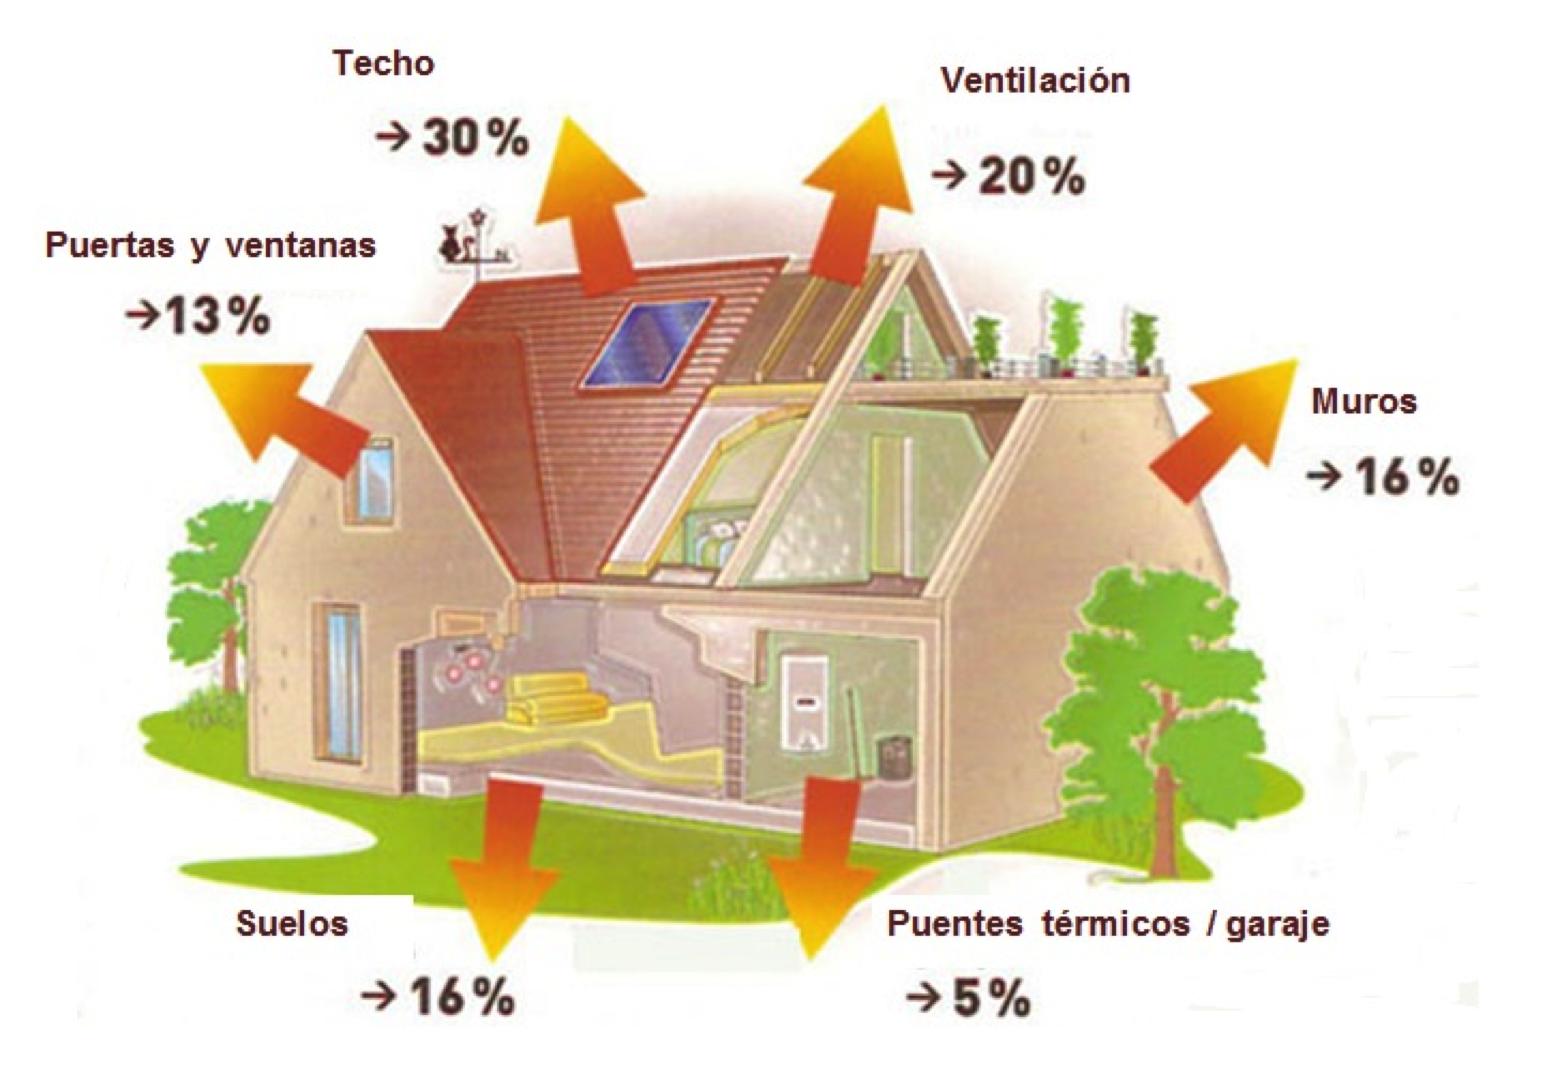 P rdidas de calor en la edificaci n pedro j hern ndez - Aislamiento termico para casas ...